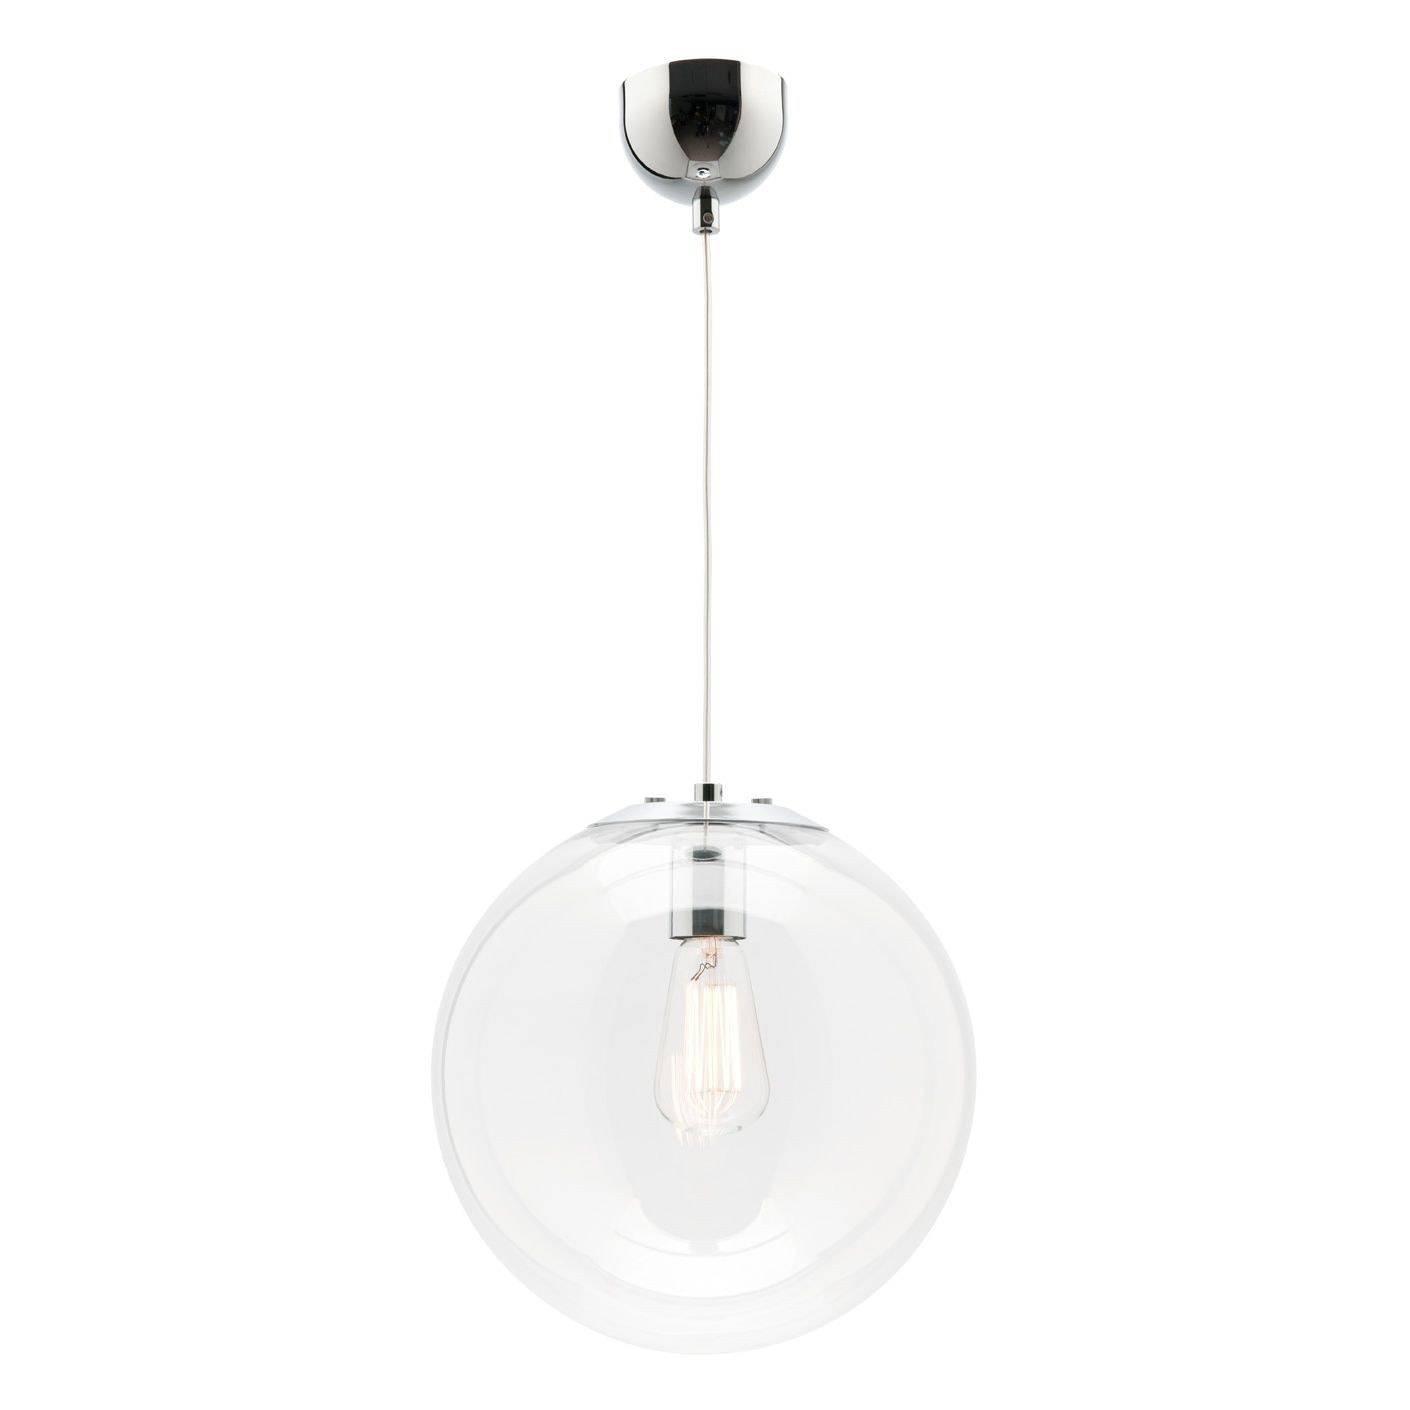 Lovely Round Glass Pendant Light For Ceiling Chandelier With for Round Glass Pendant Lights (Image 11 of 15)